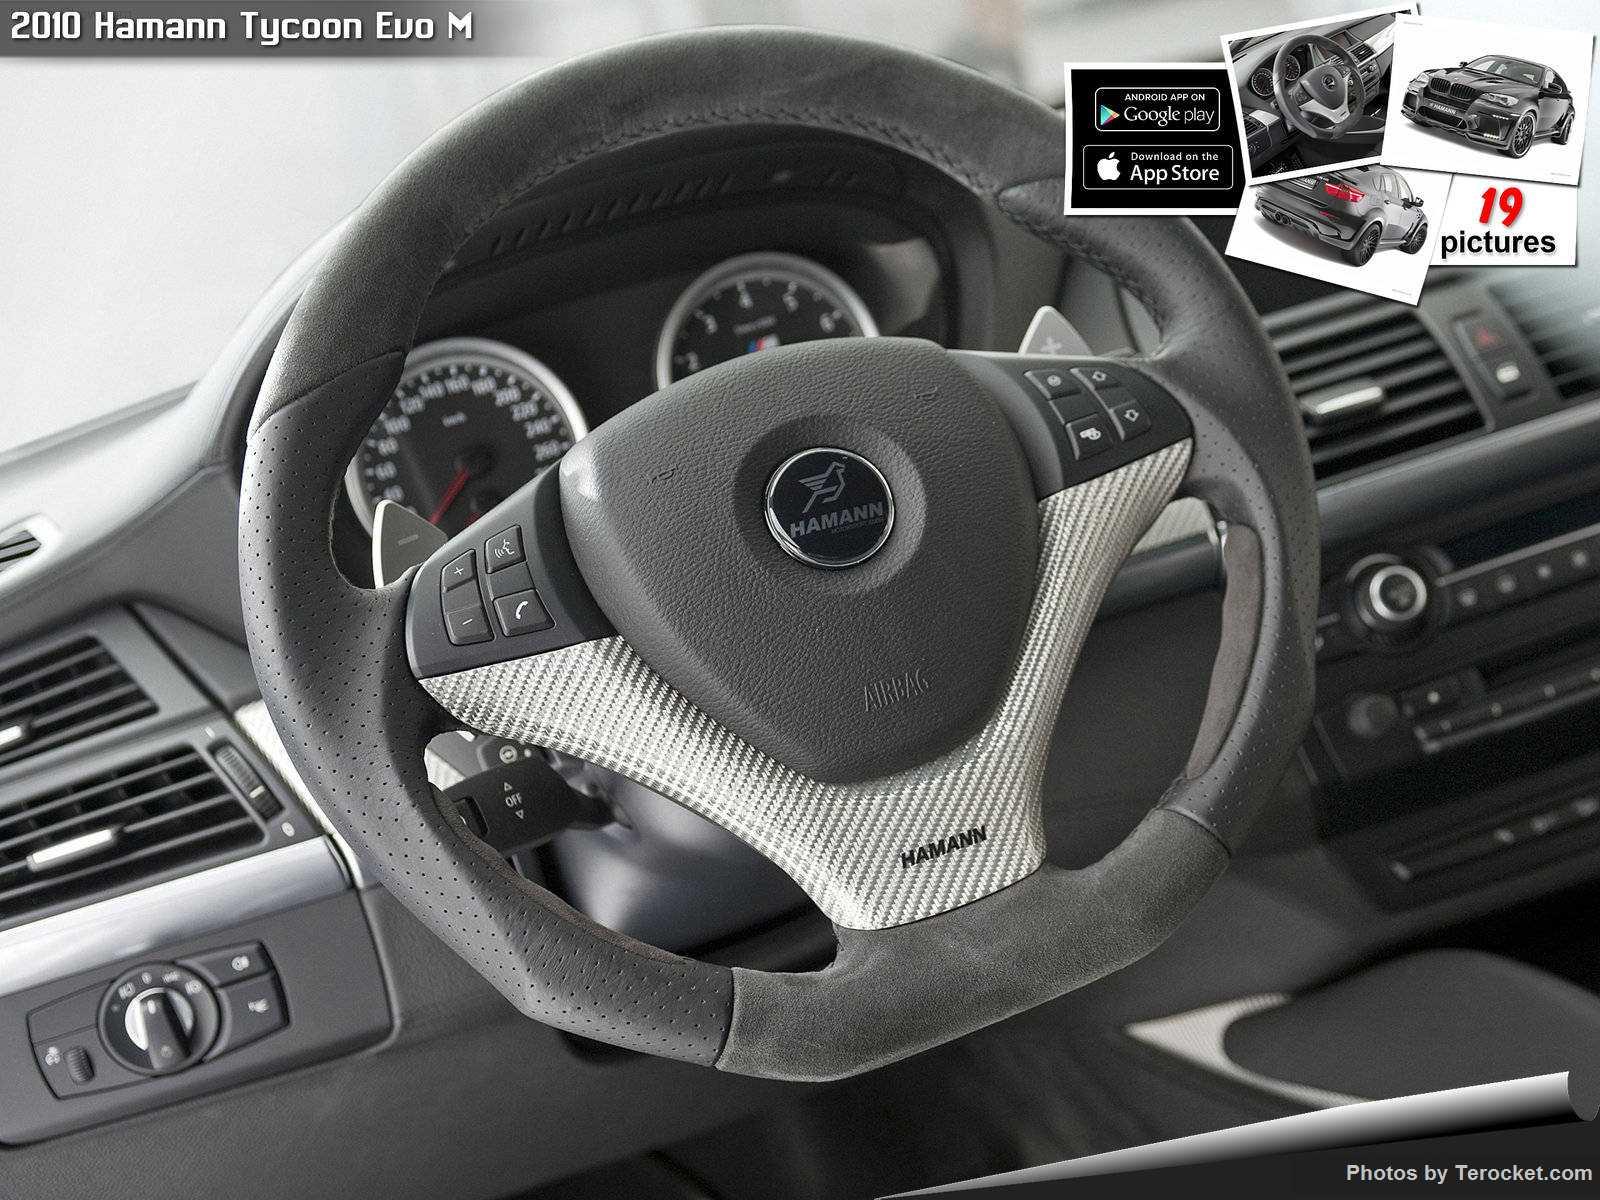 Hình ảnh xe ô tô Hamann Tycoon Evo M 2010 & nội ngoại thất